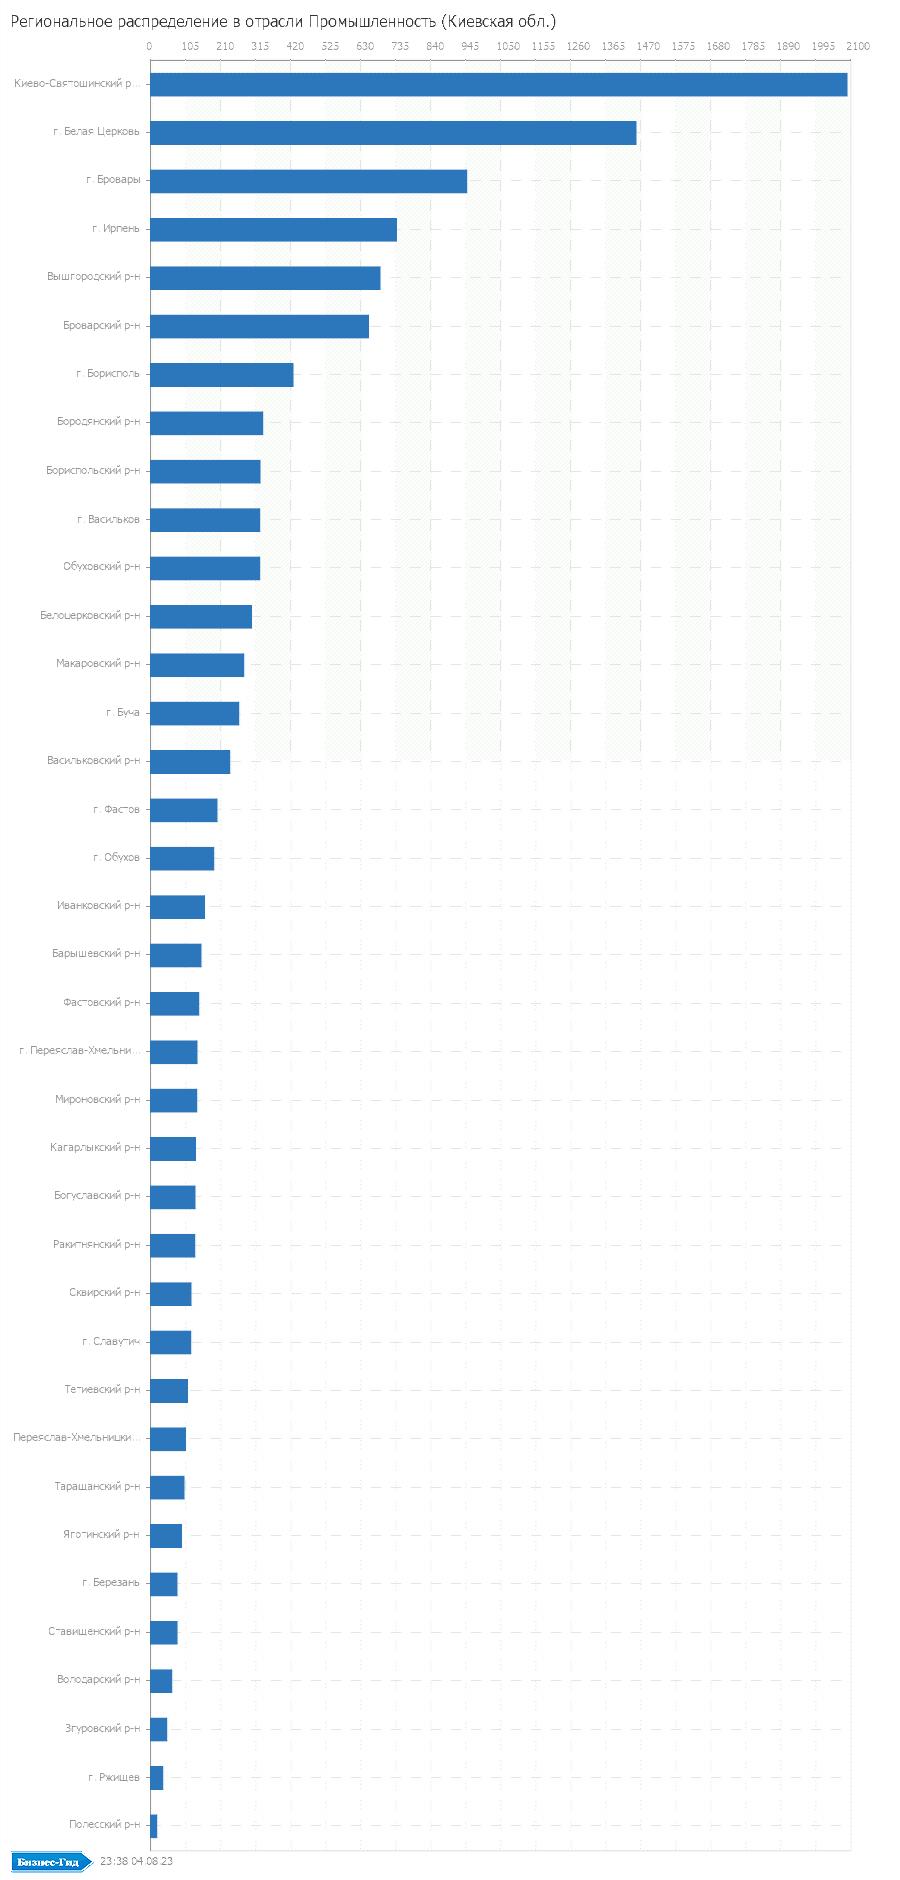 Региональное распределение в отрасли: Промышленность (Киевская обл.)